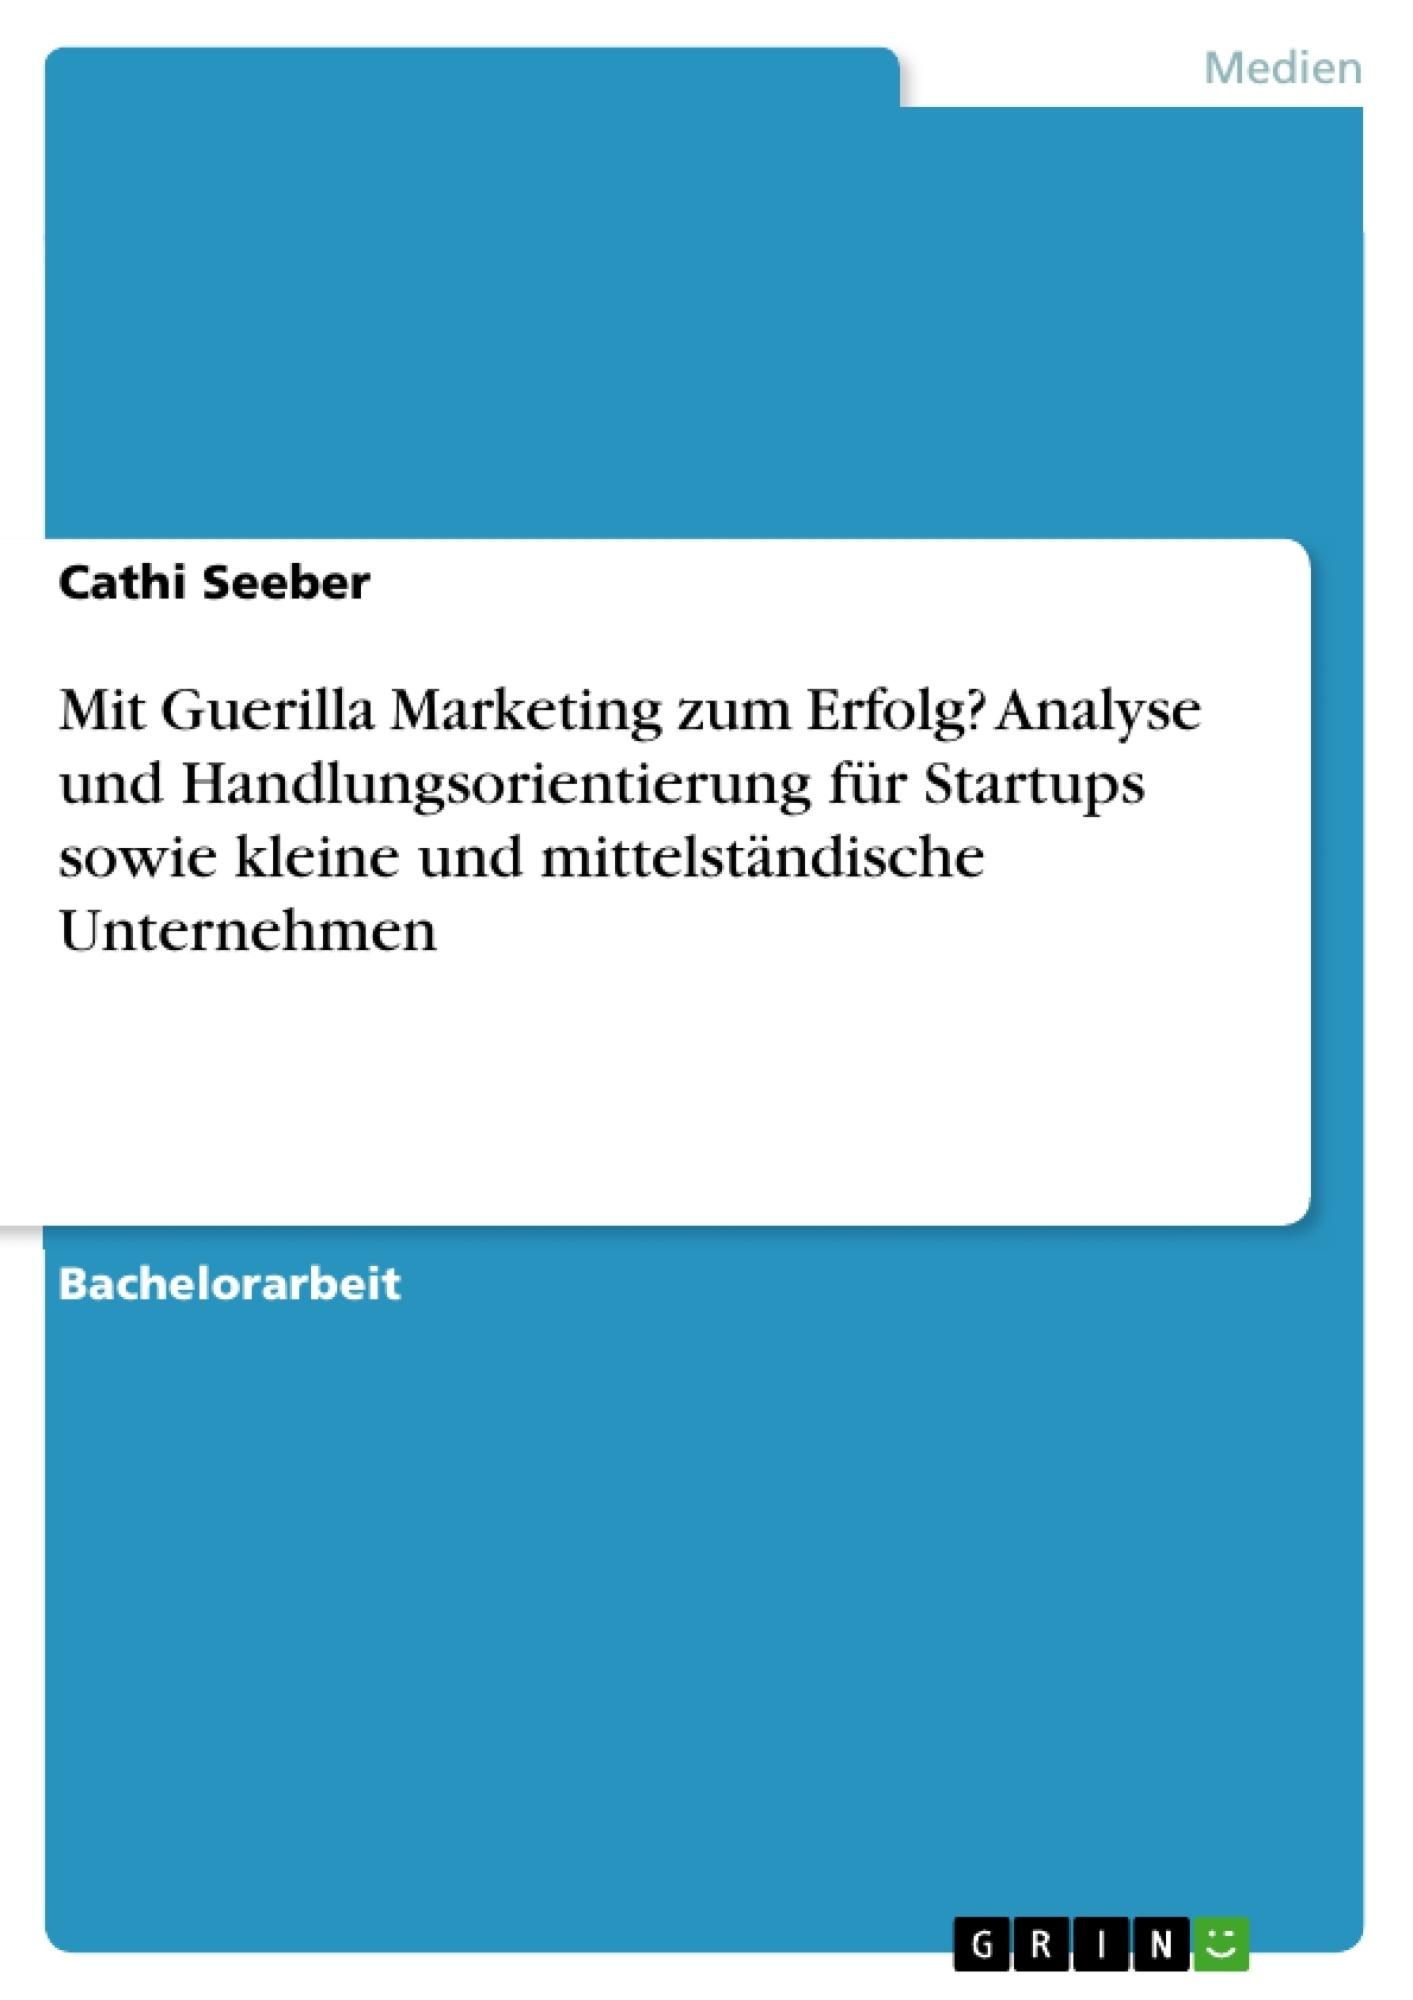 Titel: Mit Guerilla Marketing zum Erfolg? Analyse und Handlungsorientierung für Startups sowie kleine und mittelständische Unternehmen